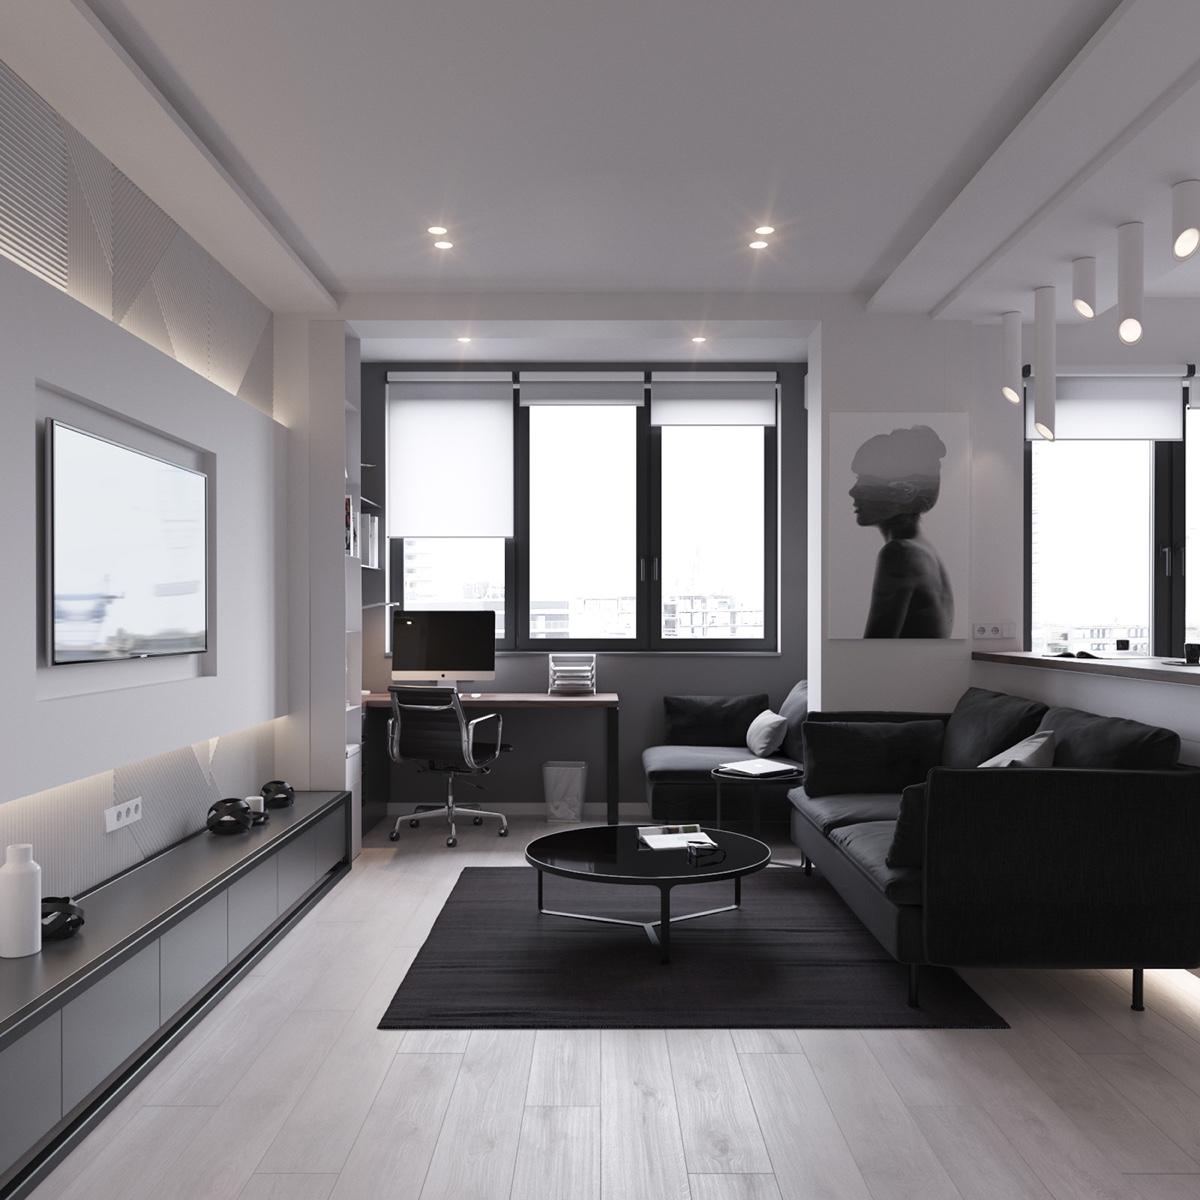 Thích mê 3 căn hộ hiện đại với diện tích khiêm tốn dưới 50m2 - Ảnh 9.